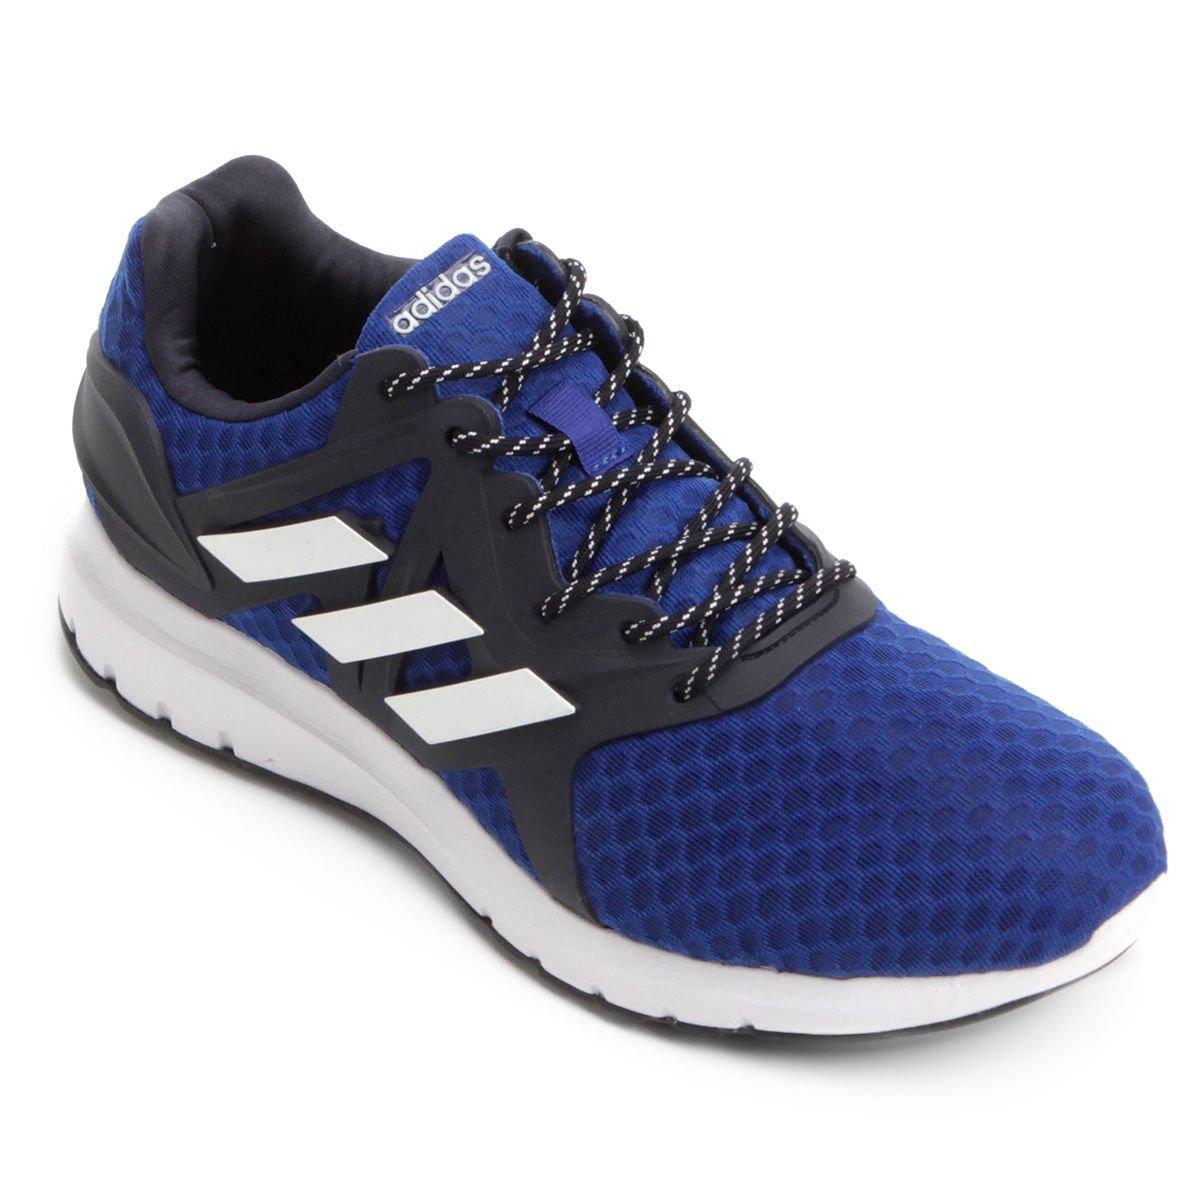 791f64ff490 Tênis Masculino Adidas Starlux m Marinho - Compre Agora